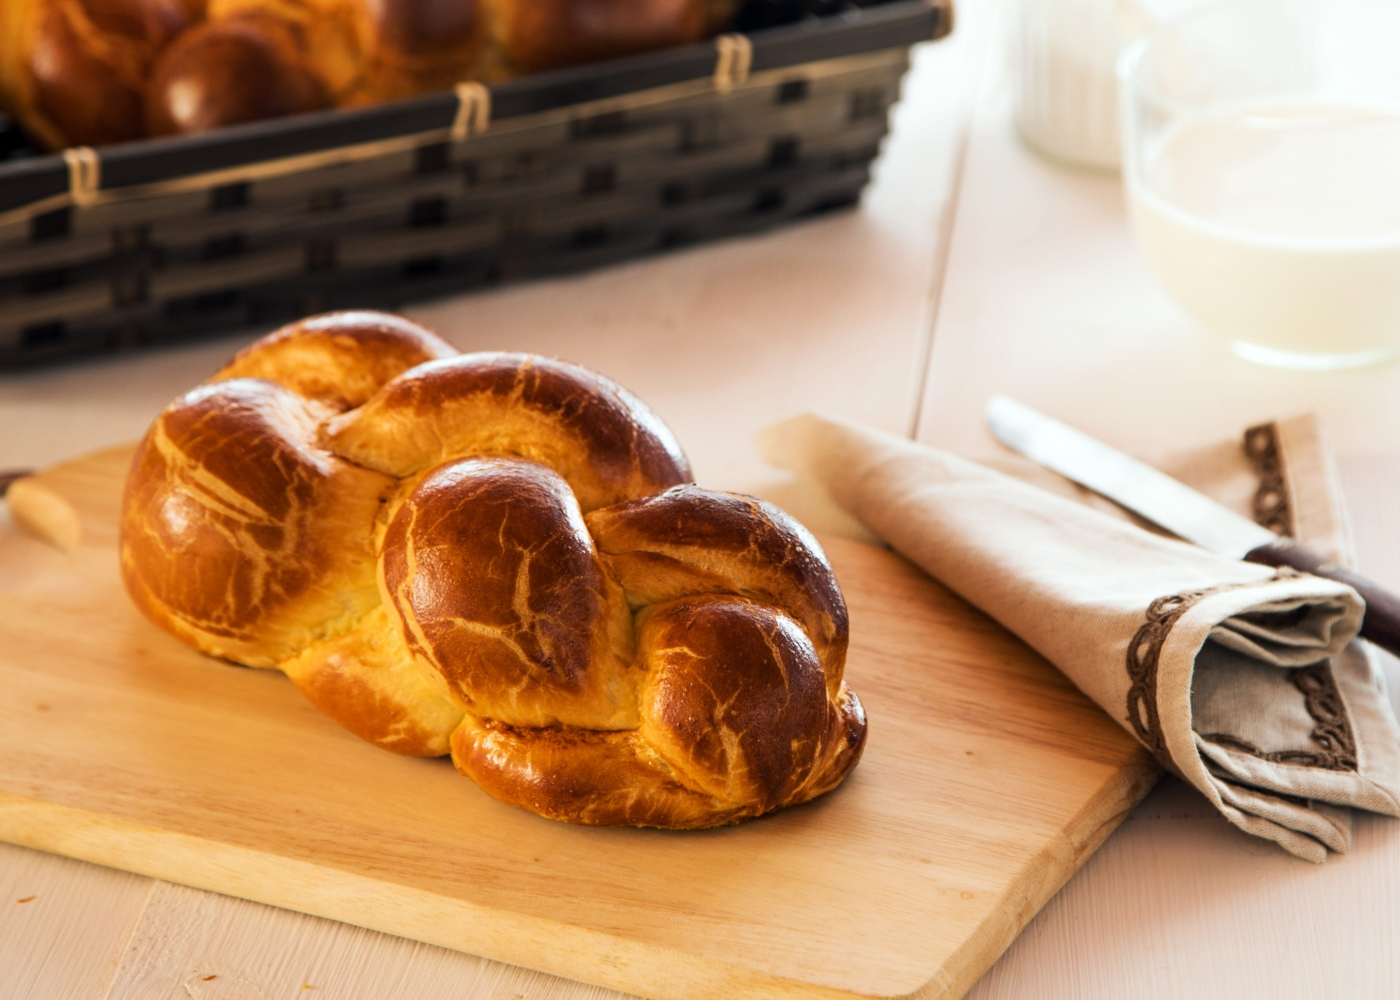 Pão trançado doce em cima de tábua de madeira